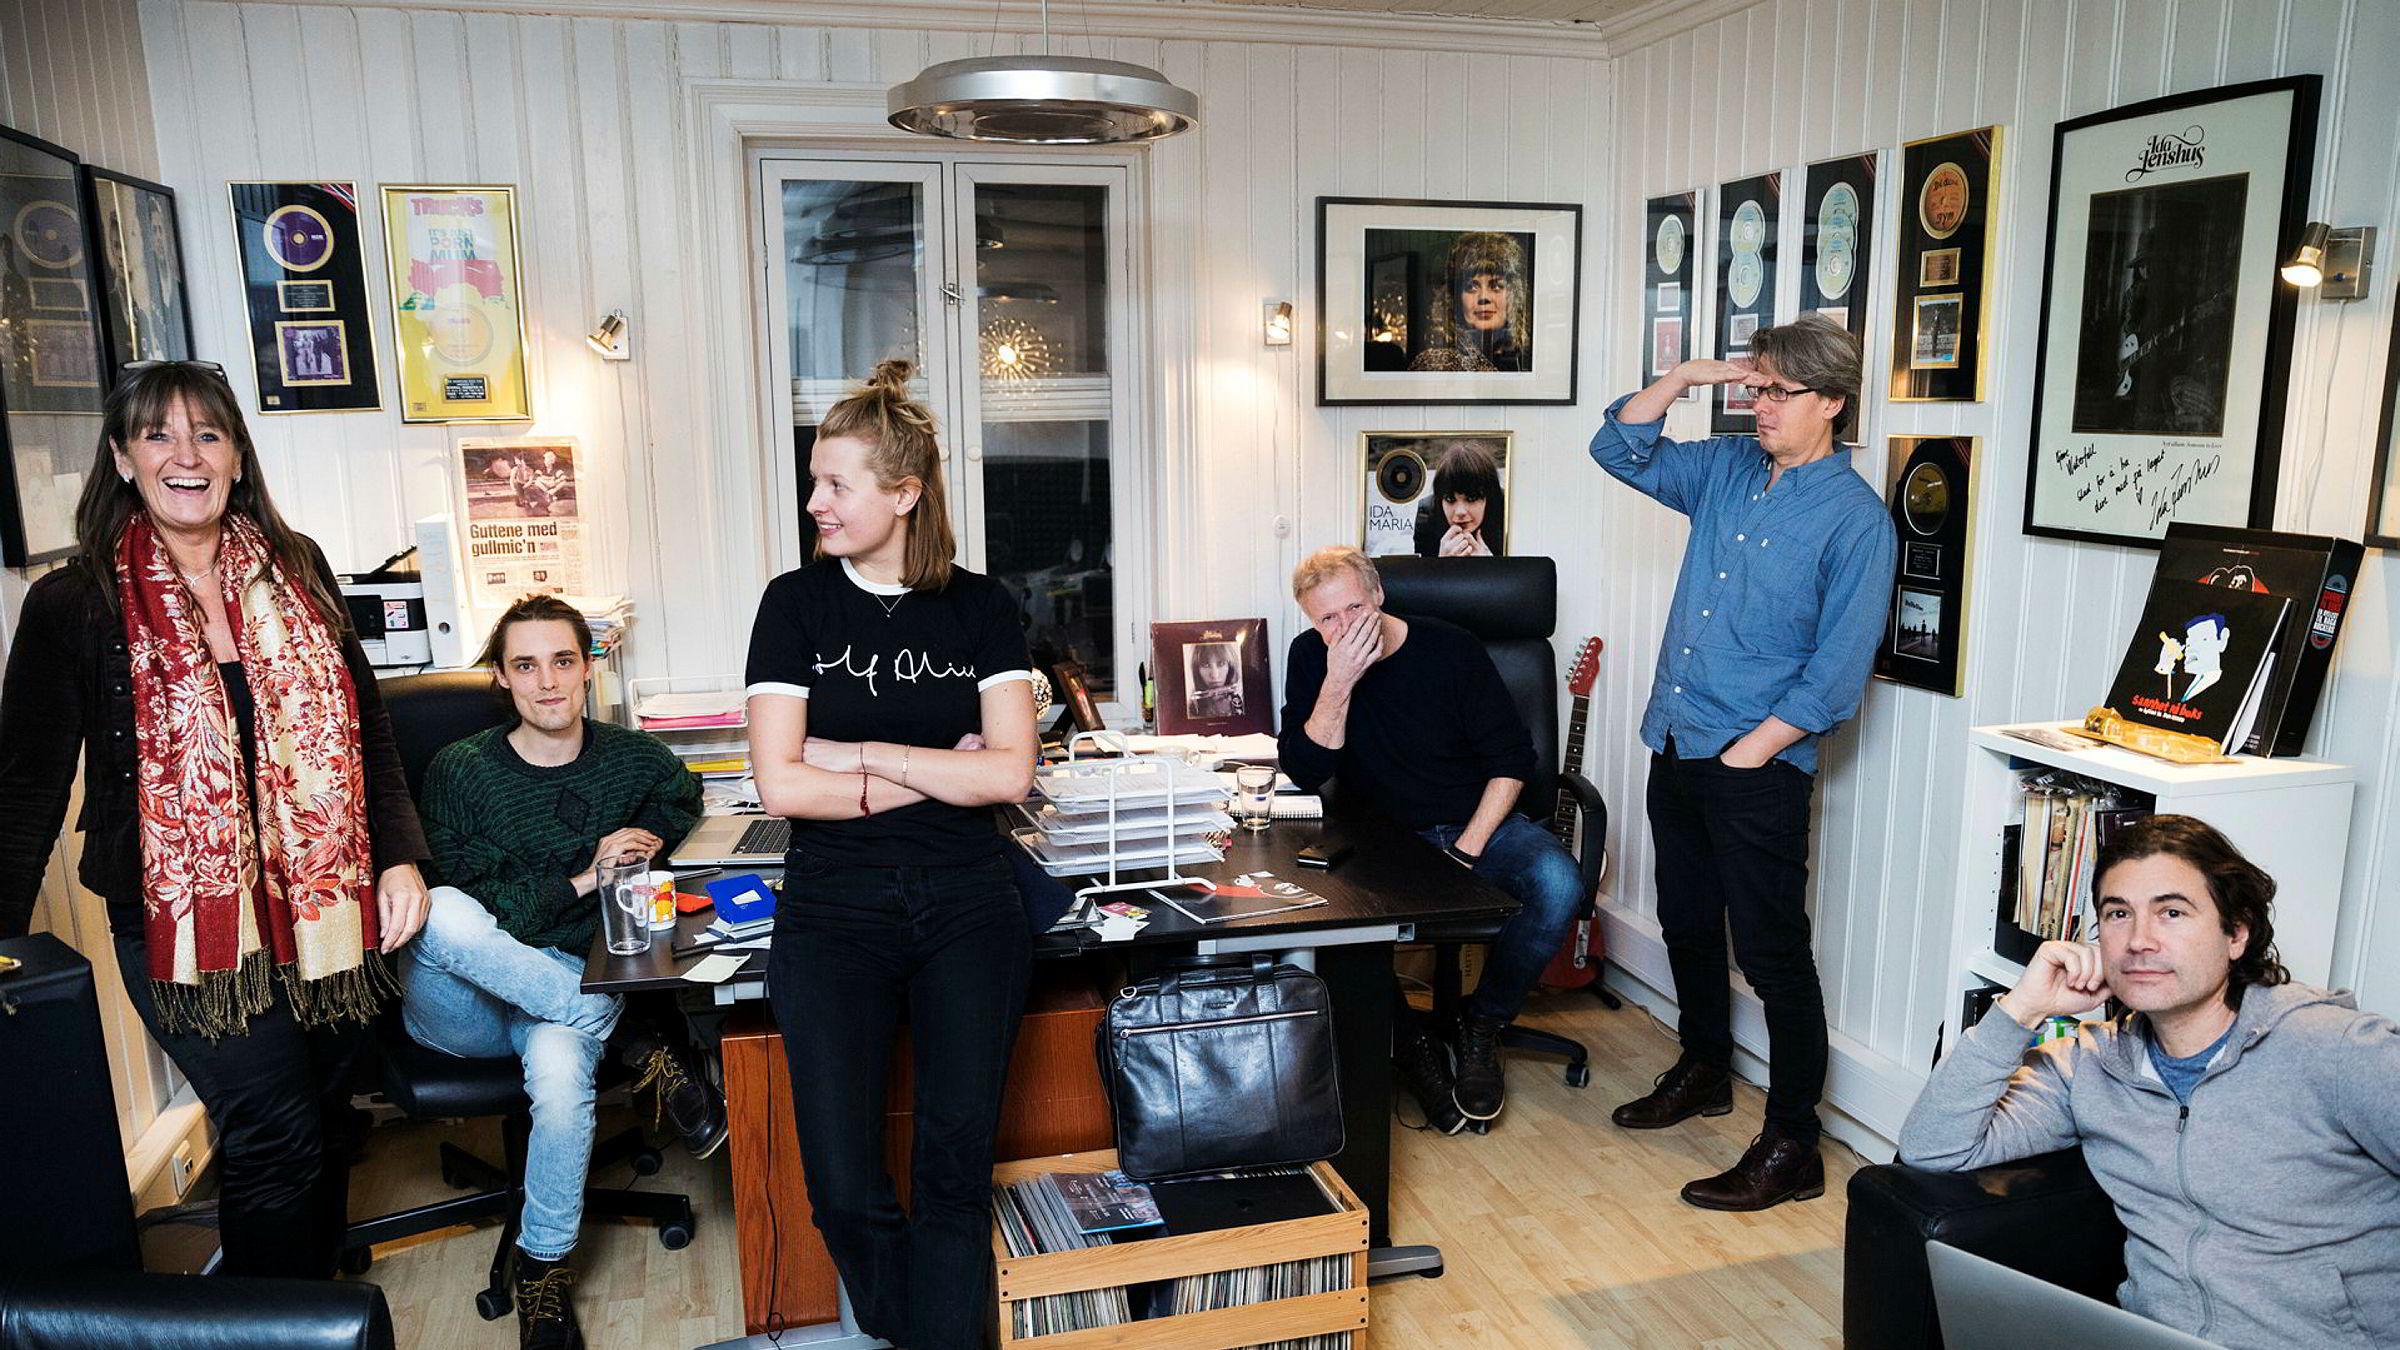 Musikkforlaget Arctic Rights Management består av Kerstin Mangert (ra venstre), Truls Nergaard, Hanna Berg-Nilsen, Kai Robøle, Erik Brataas og Odd Jensen.